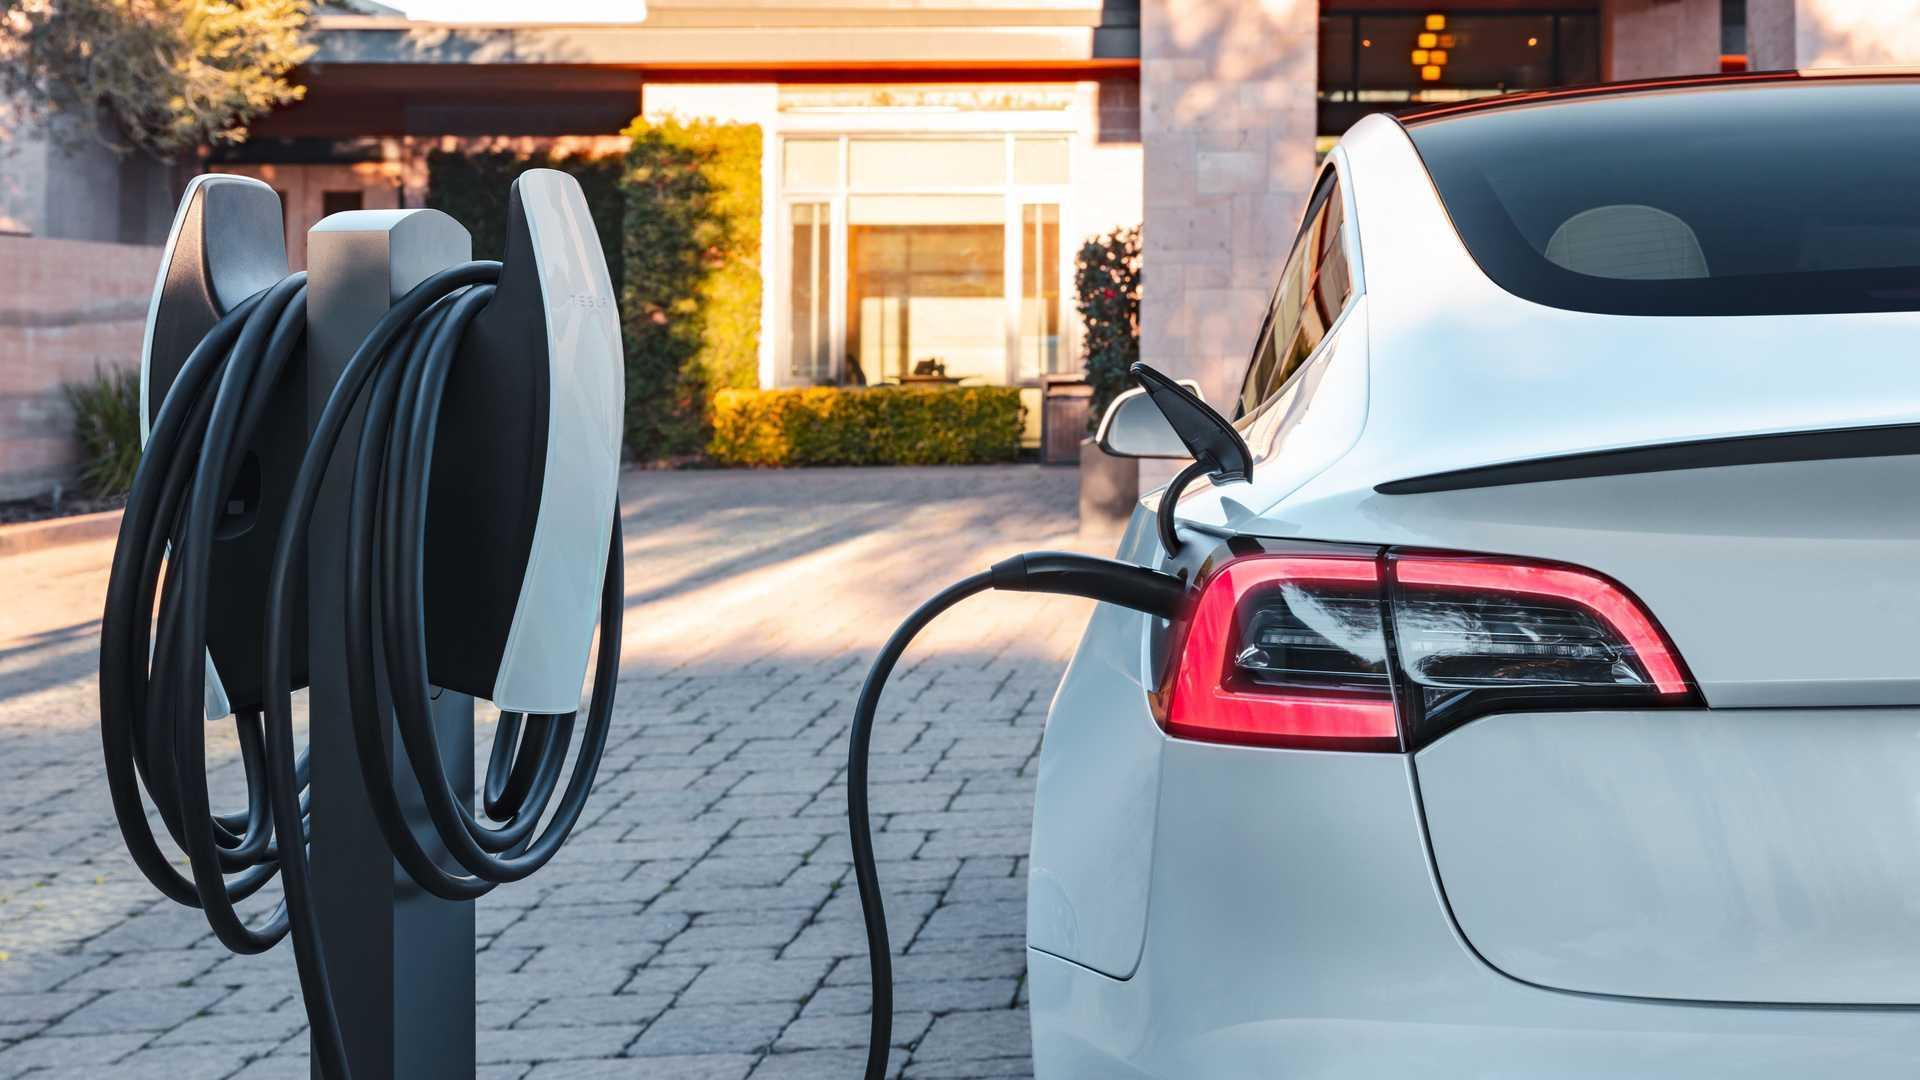 Стоимость владения Tesla Model 3 сравнили с Toyota Camry